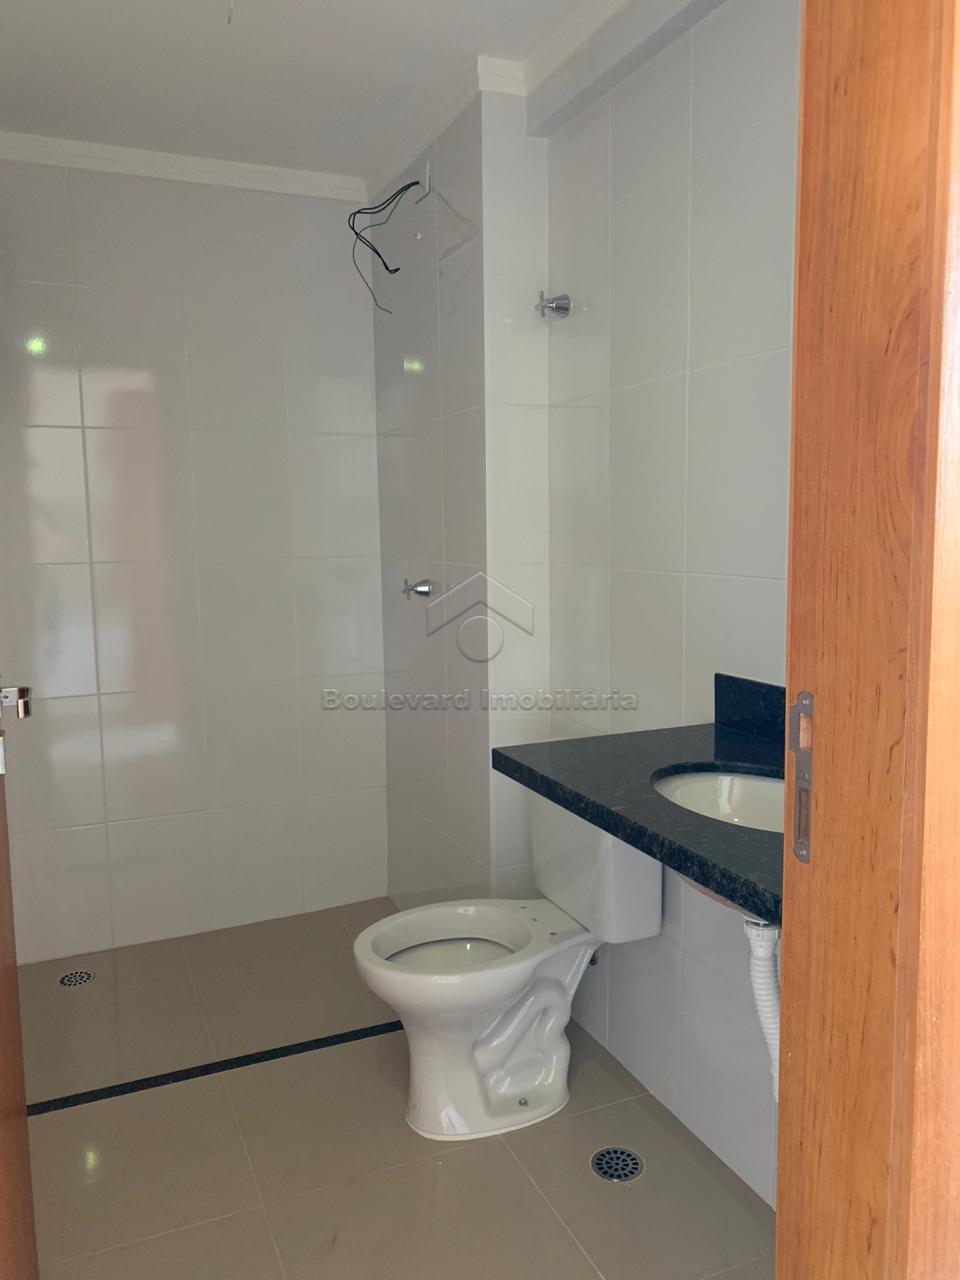 Comprar Apartamento / Kitchnet em Ribeirão Preto apenas R$ 138.000,00 - Foto 5